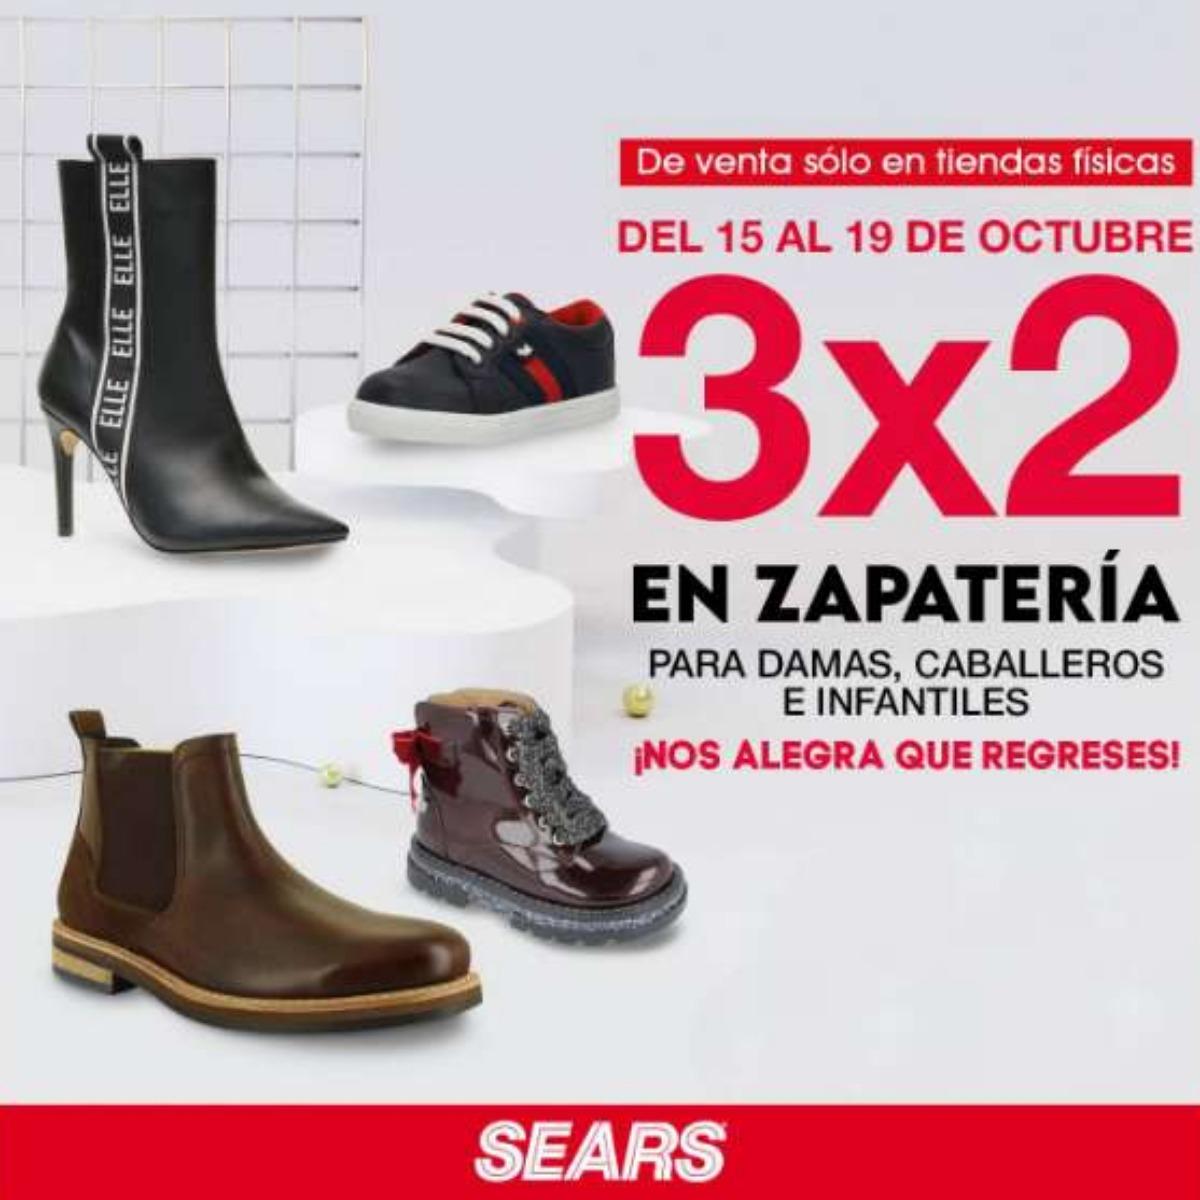 Sears: 3×2 en zapatería para, dama, caballero e infantiles octubre 2020